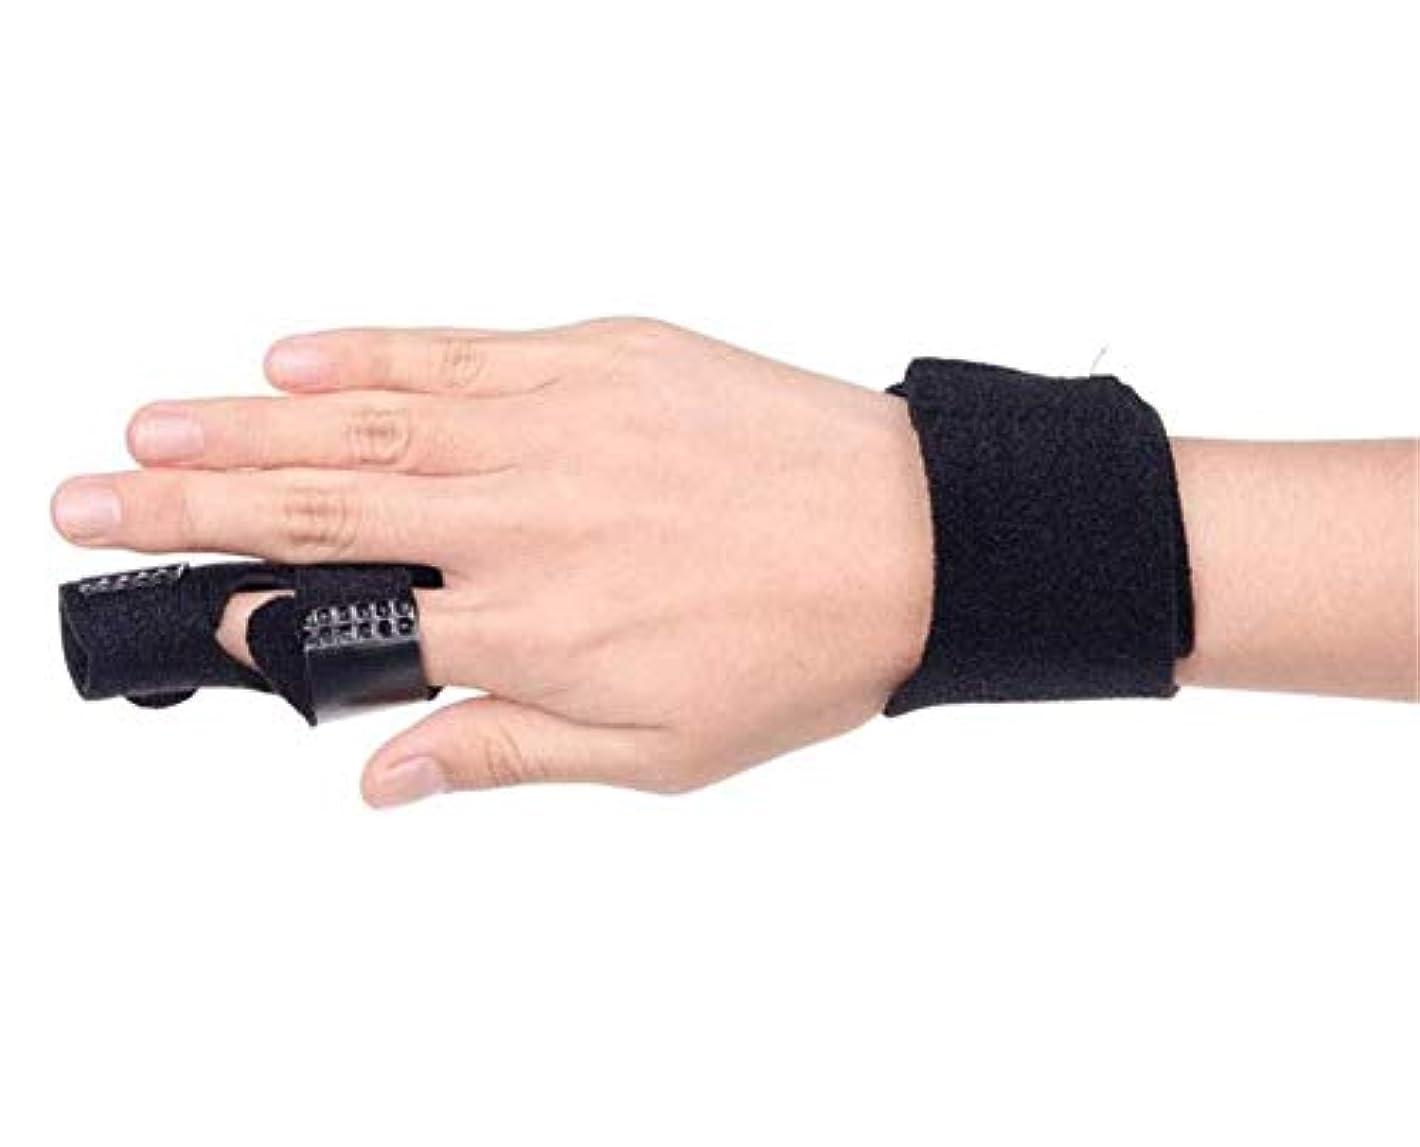 知る睡眠潮ベルトリリースや痛みを固定アジャスタブル - 中指、薬指、人差し指ブレースについてインソールフィンガースプリントを指